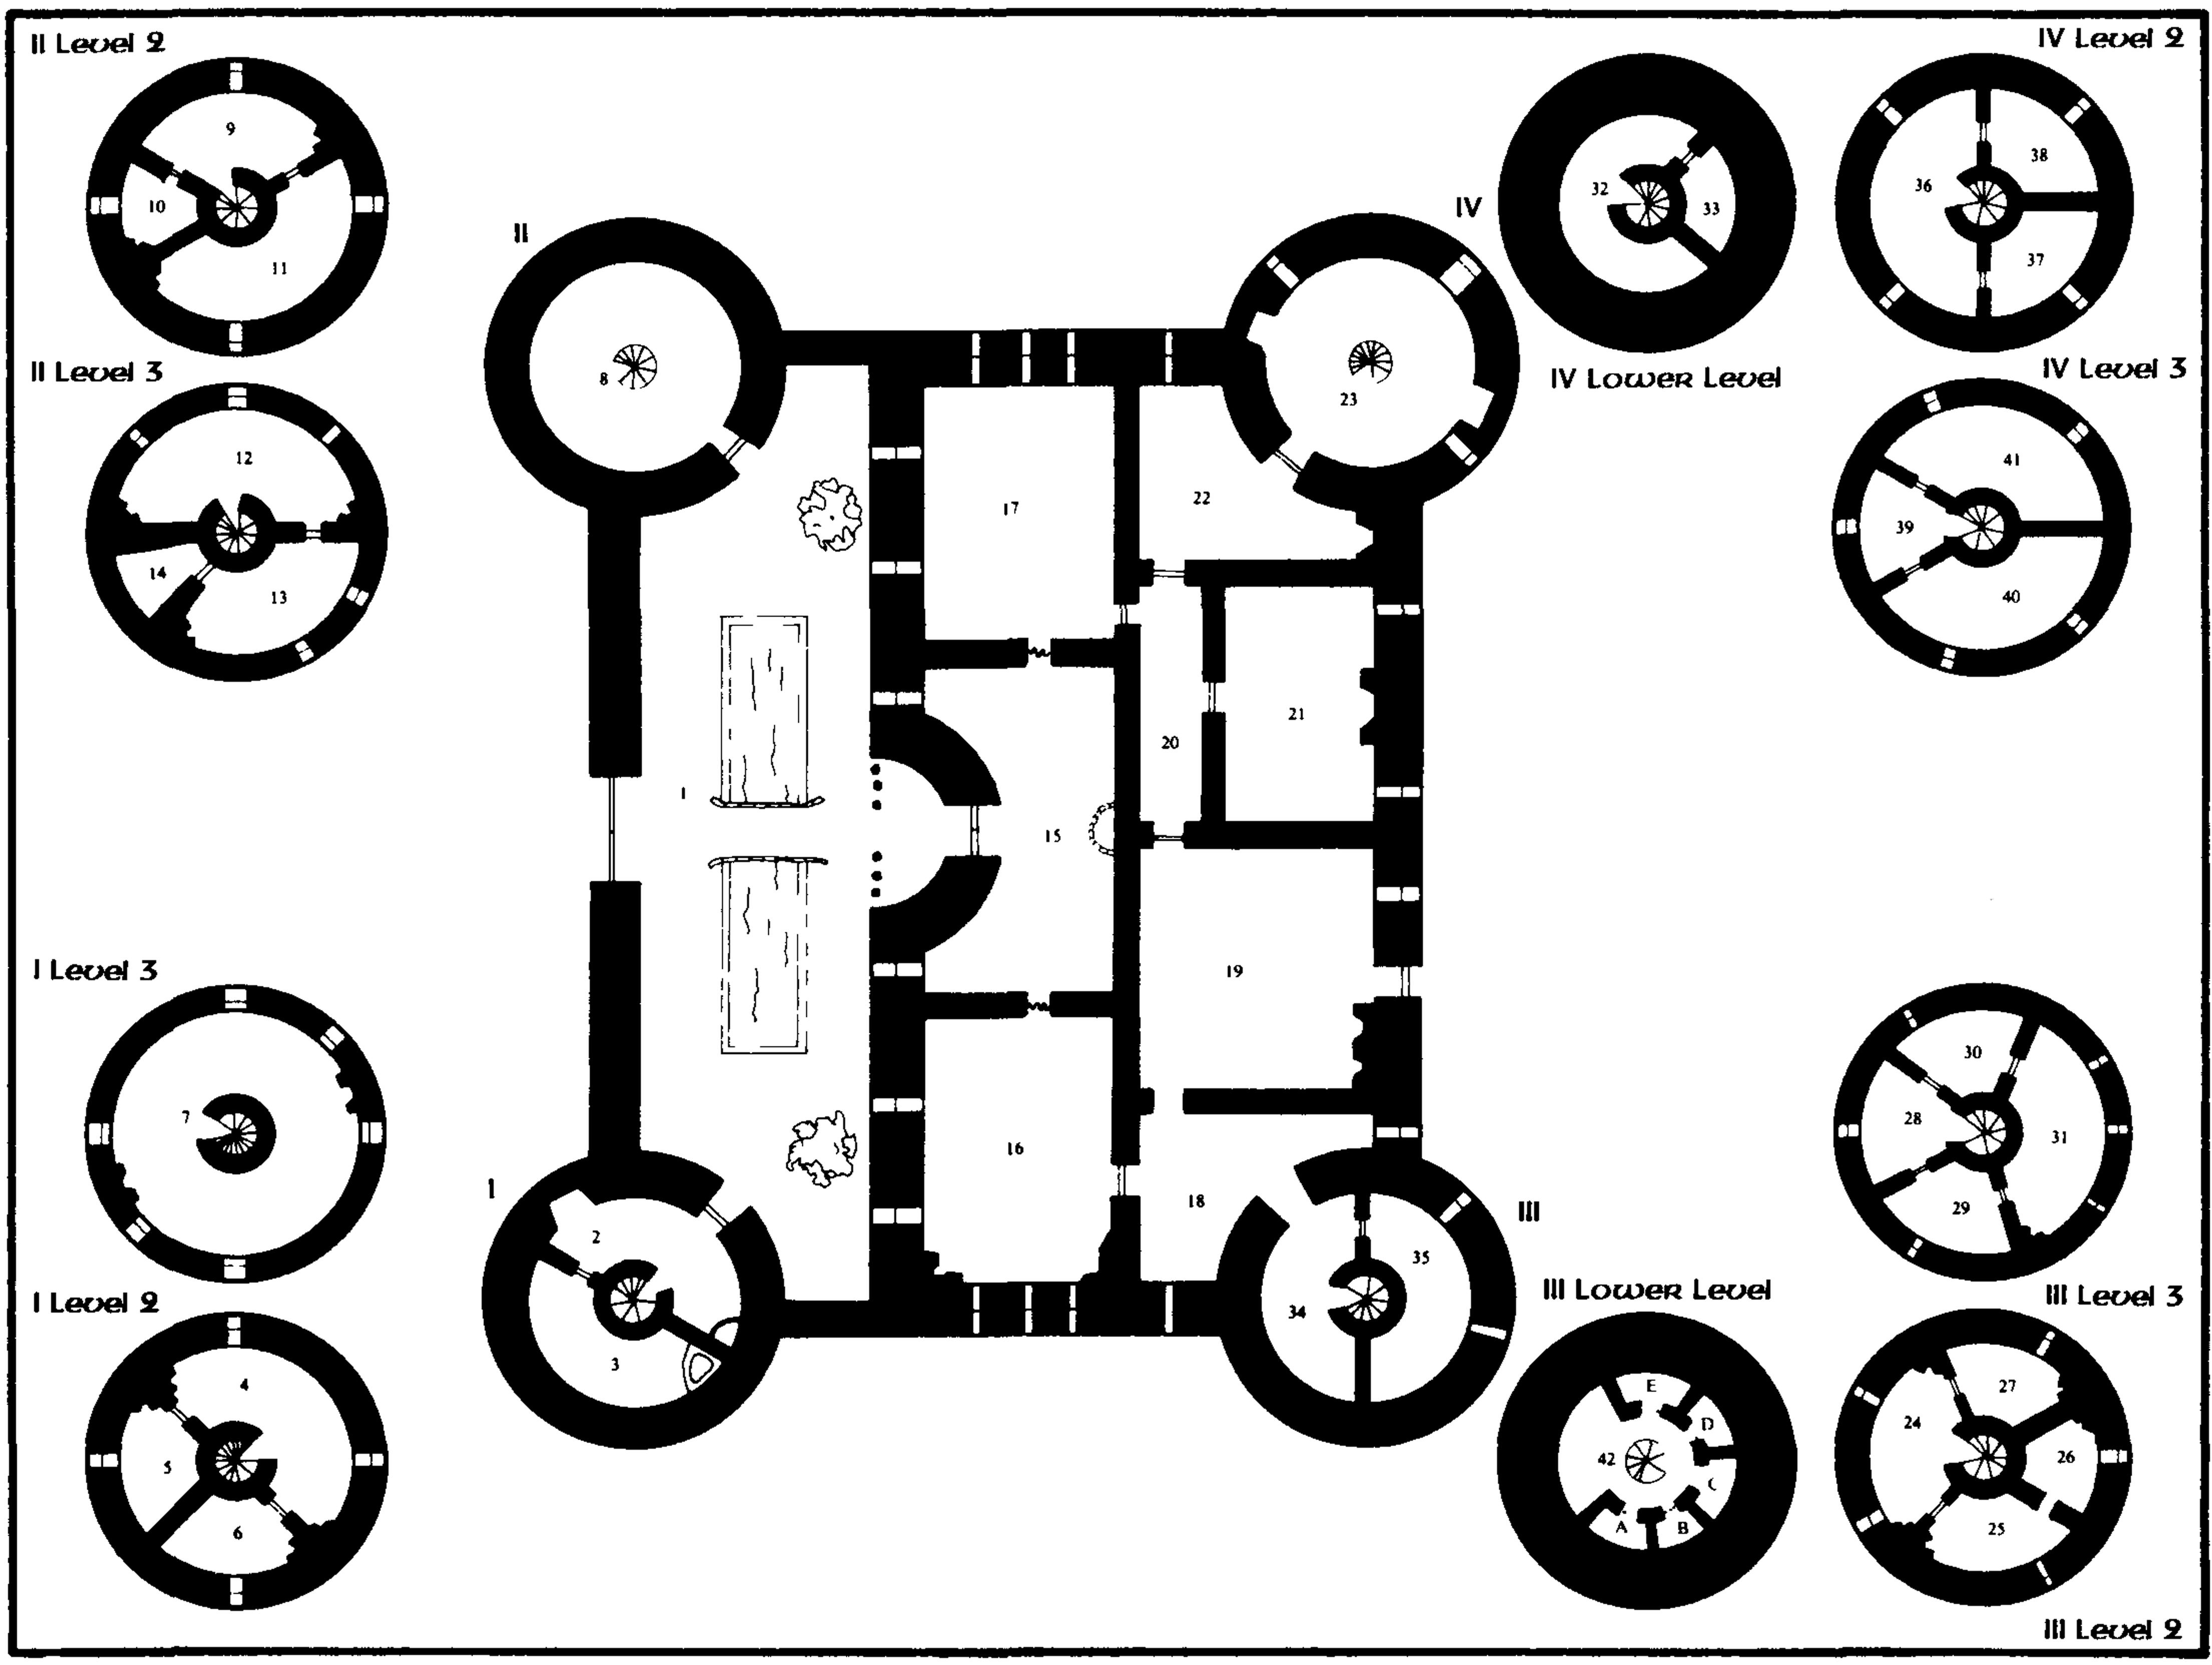 Tol_Malbor_-_interior.jpg